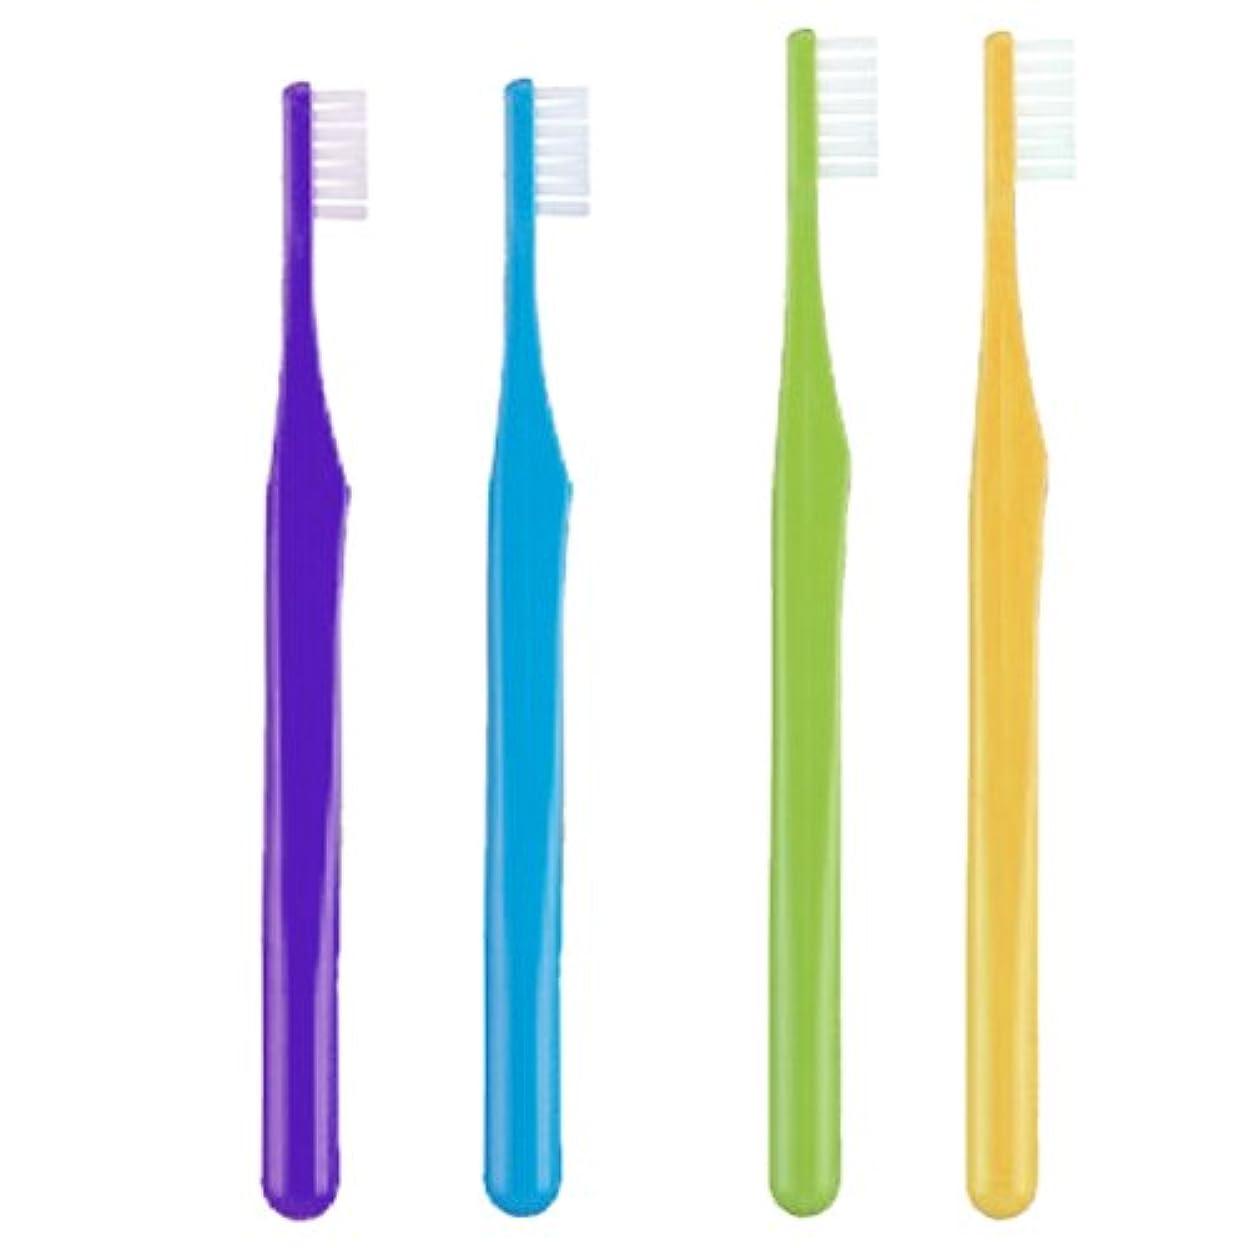 飛行機スペア影響プロスペックプラス歯ブラシ1本タイニー/スモール (スモール)